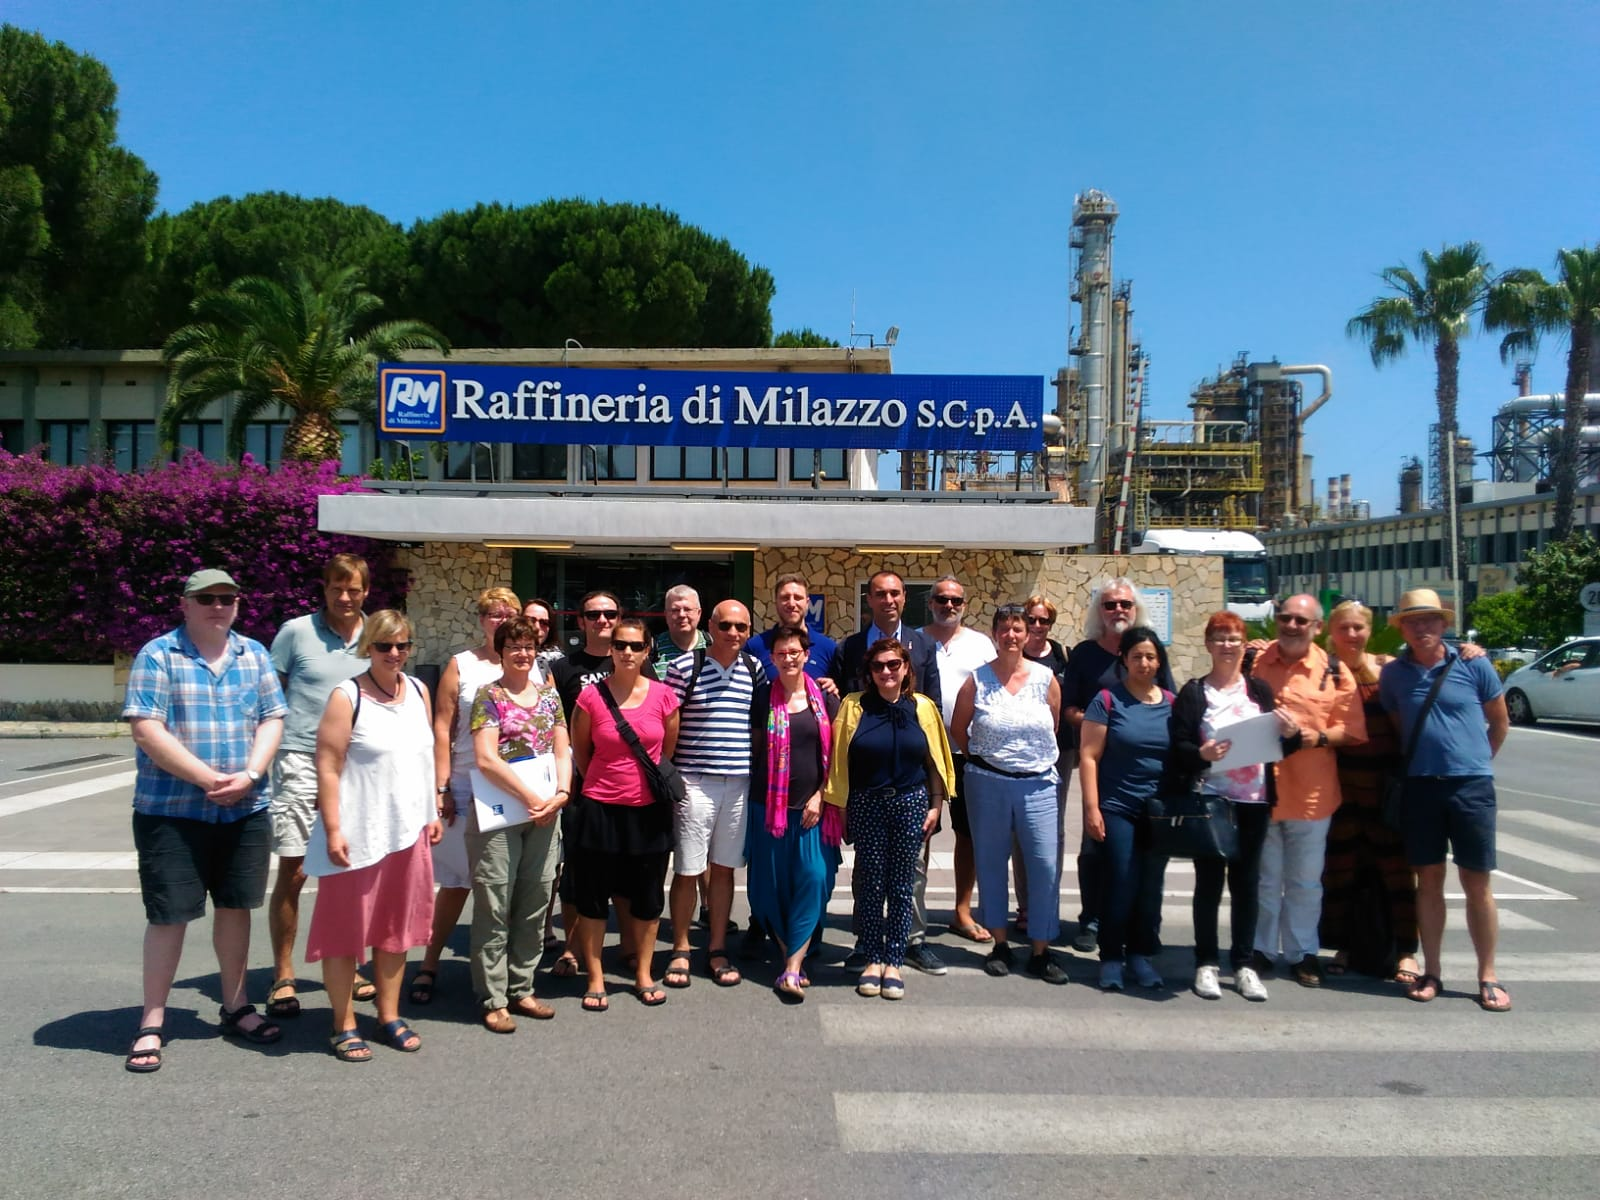 Milazzo, sindacato tedesco in visita alla raffineria per uno scambio costruttivo di idee